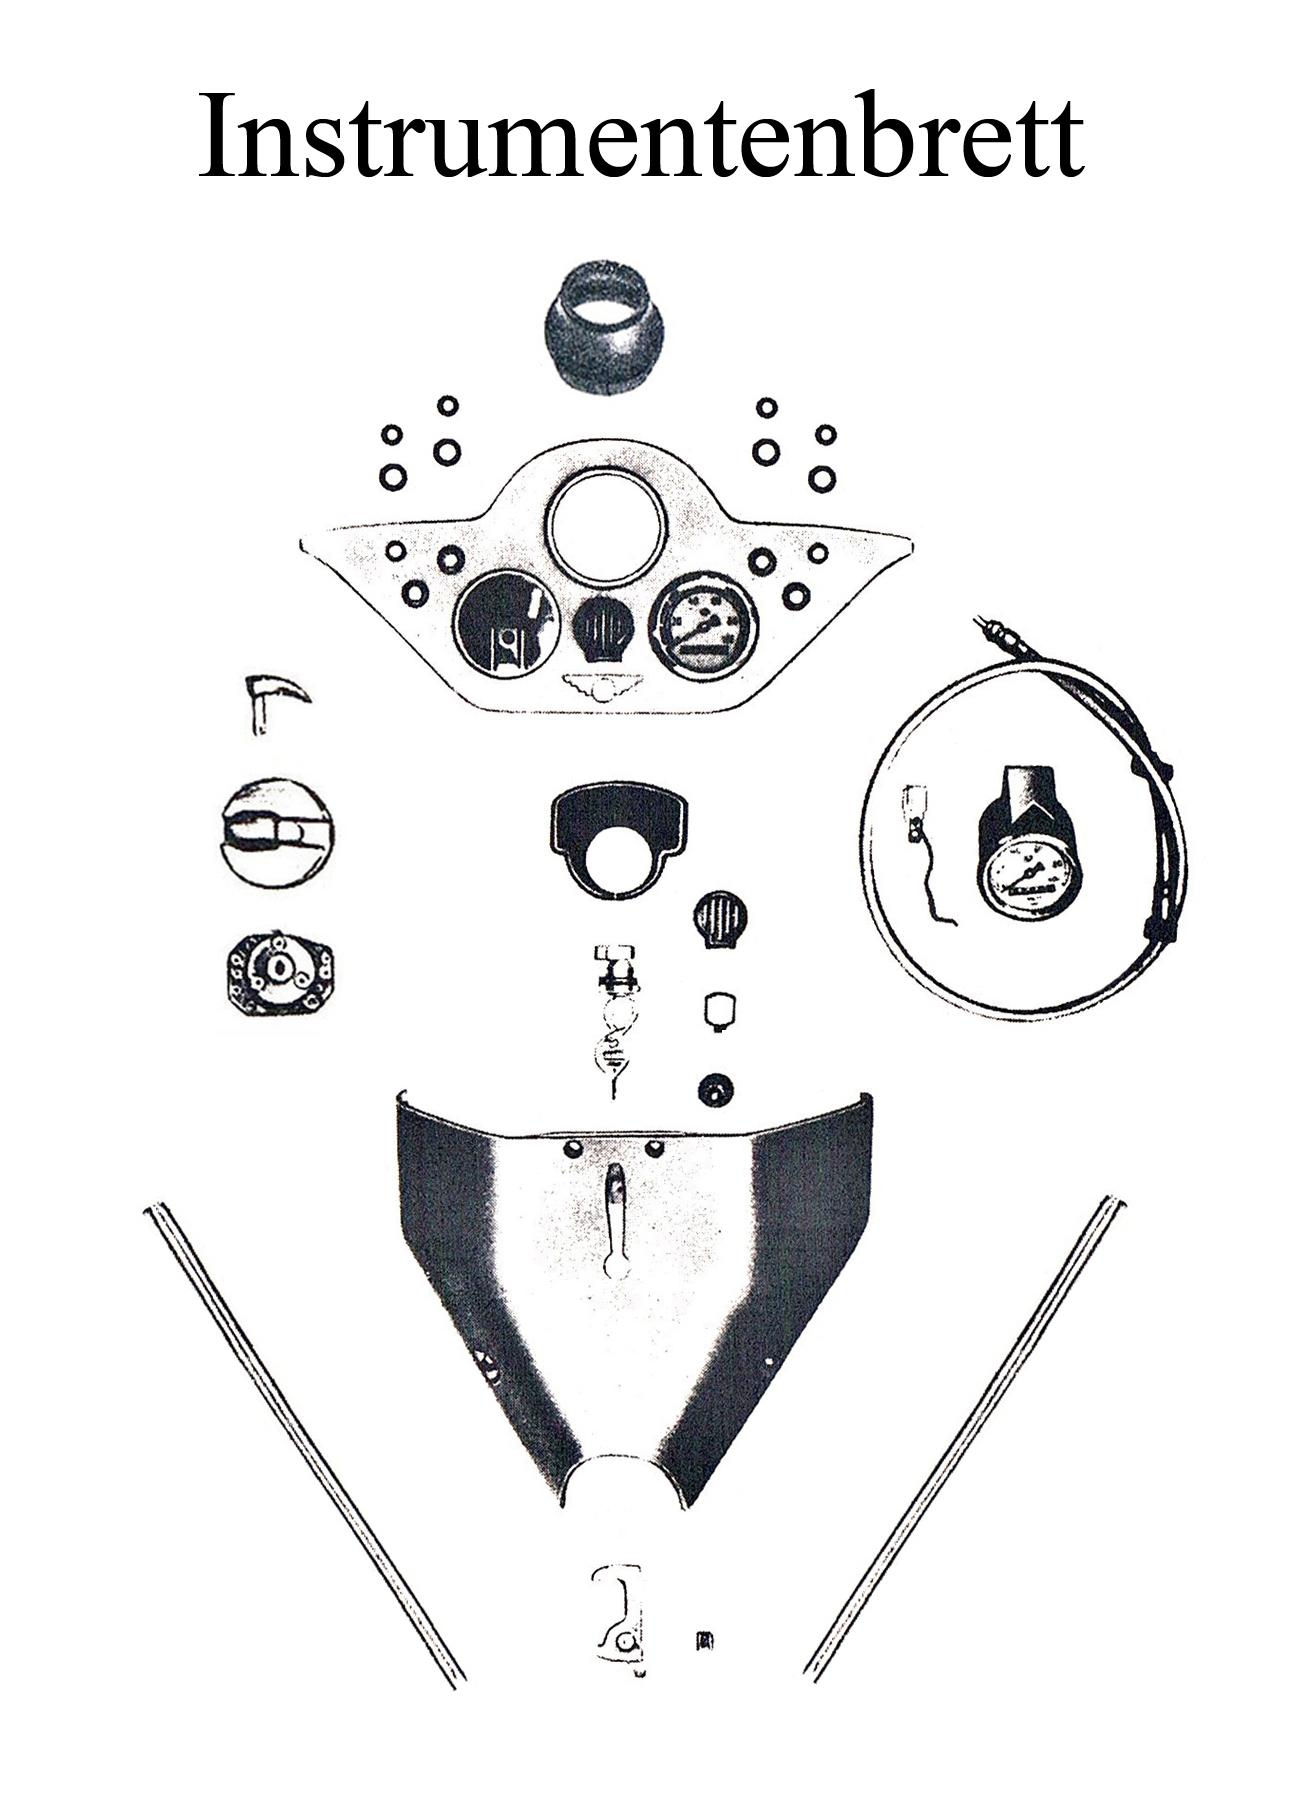 DDR-Motorrad IWL Berliner Roller SR 59 Ersatzteileliste Instrumentenbrett Tachometerwelle Kedergummi Zündschloß-schlüssel